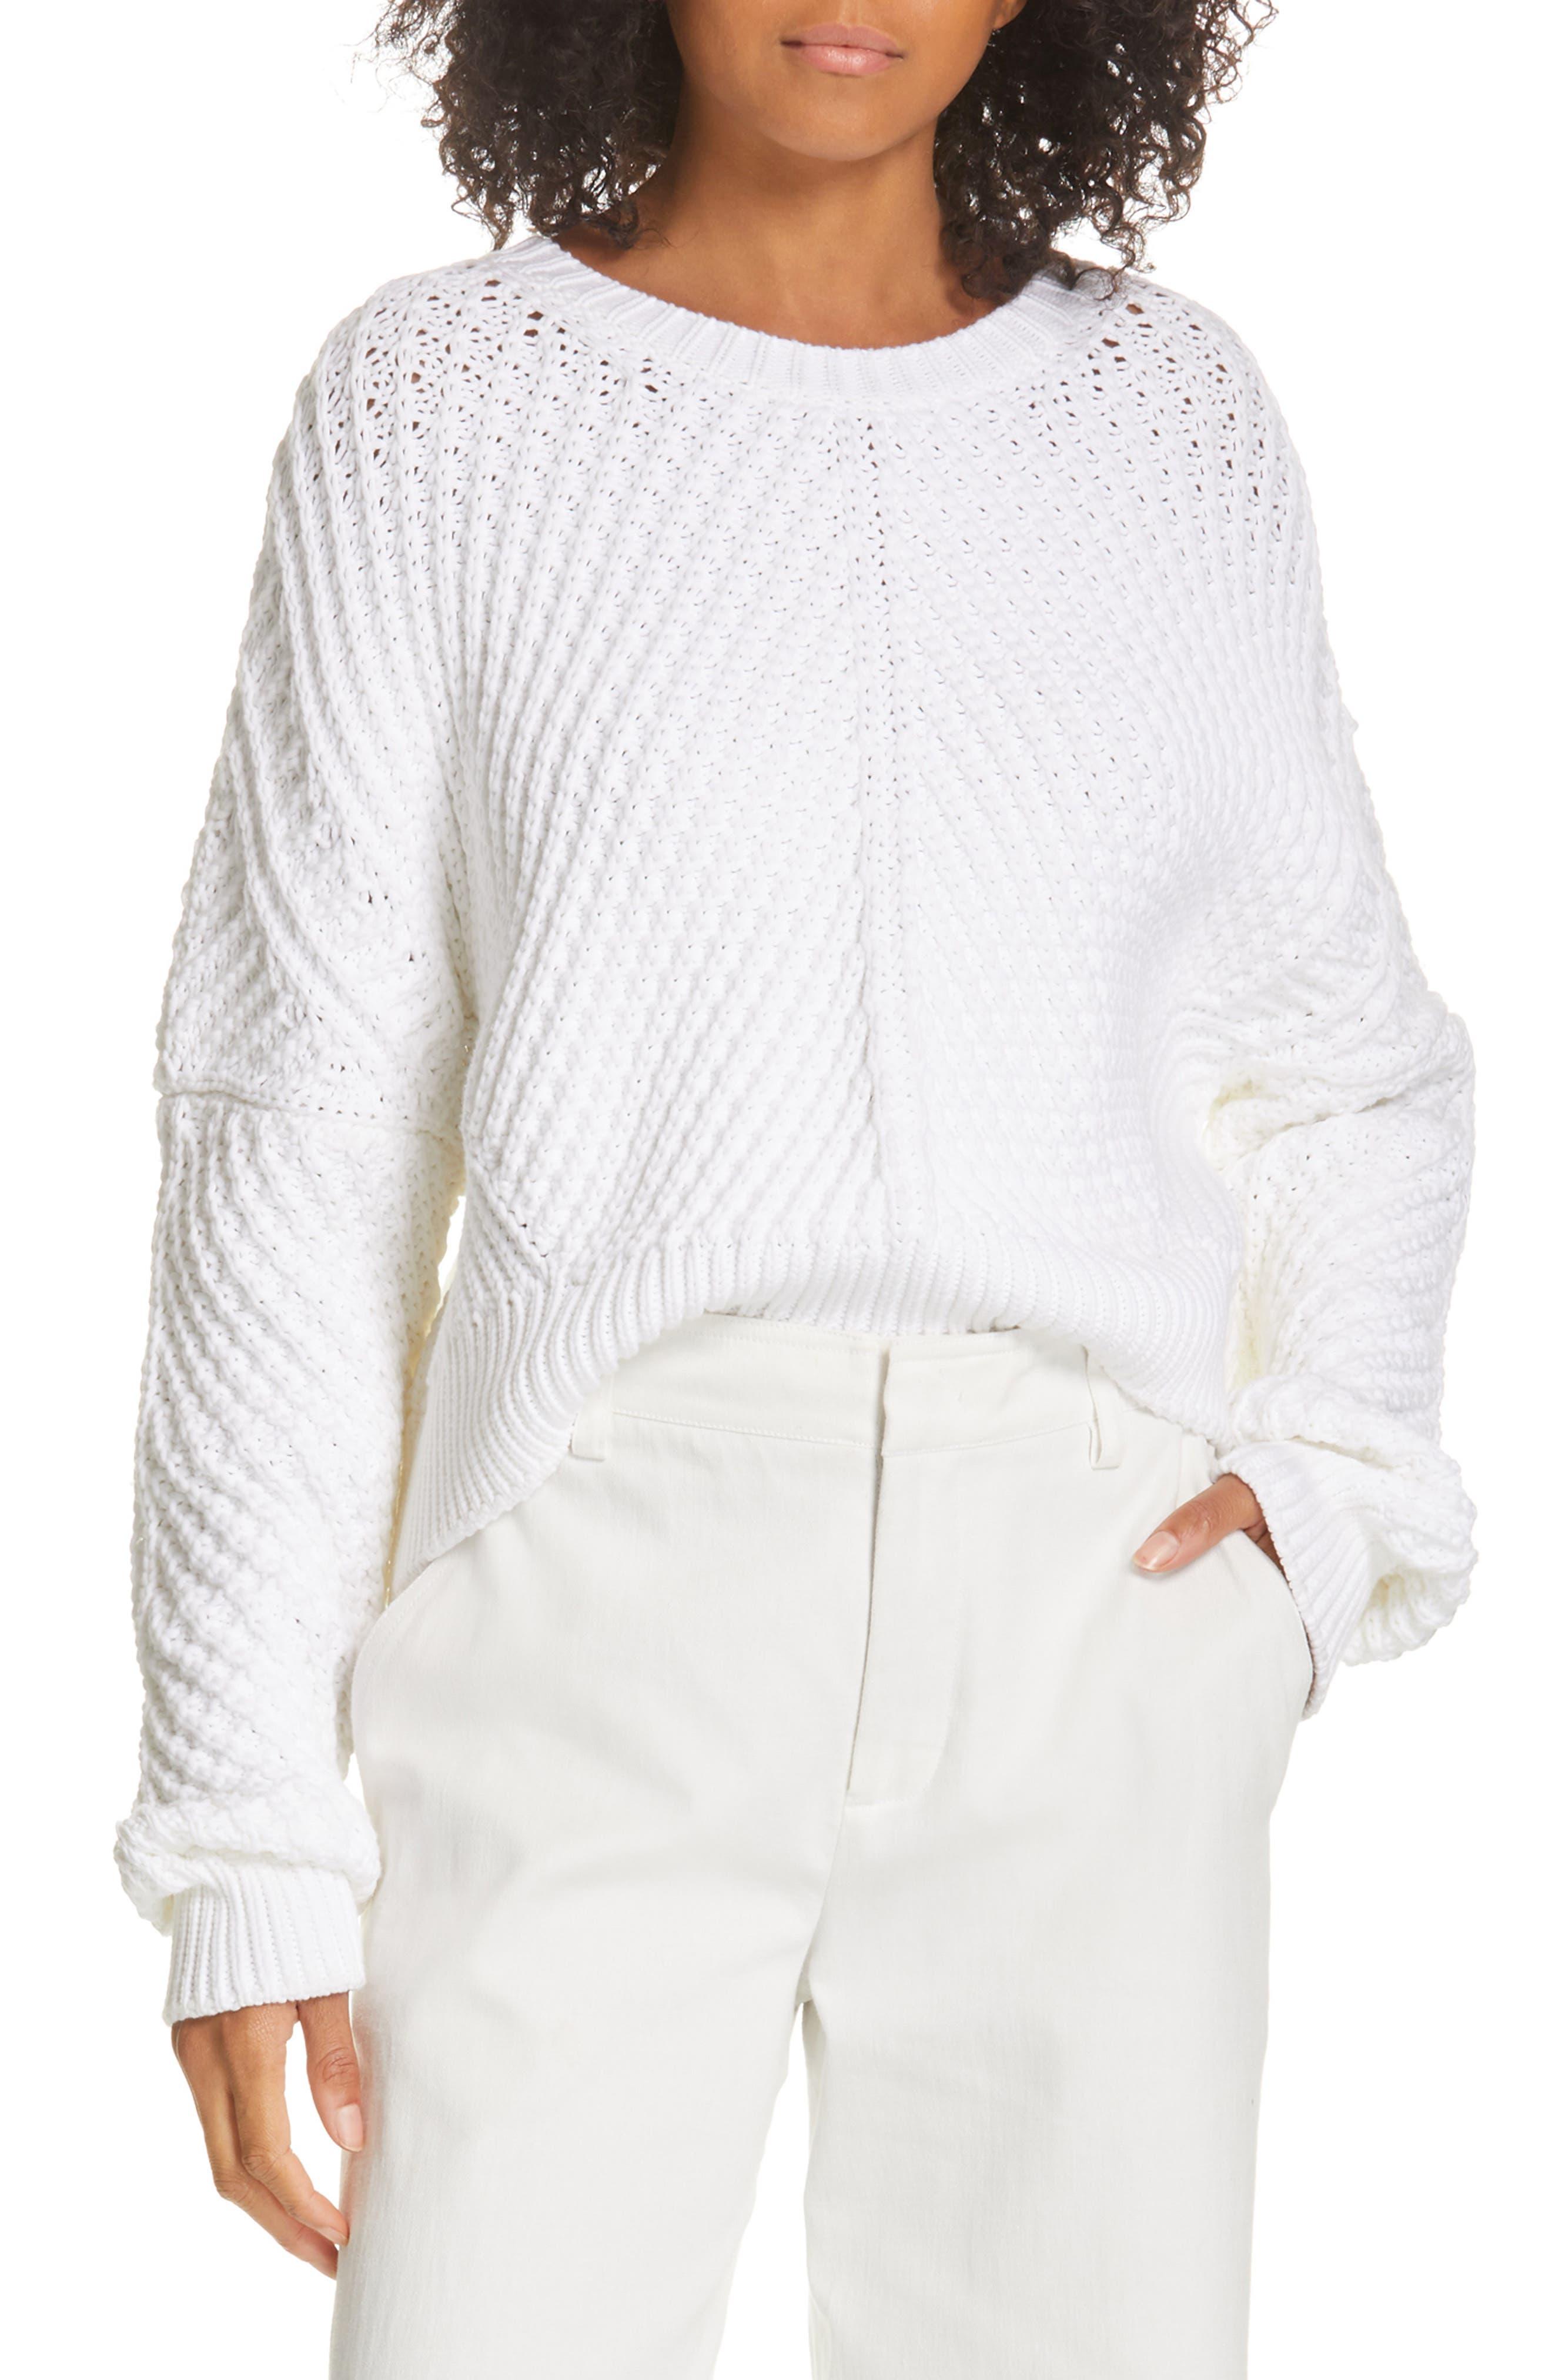 VINCE, Rib Knit Sweater, Main thumbnail 1, color, OPTIC WHITE